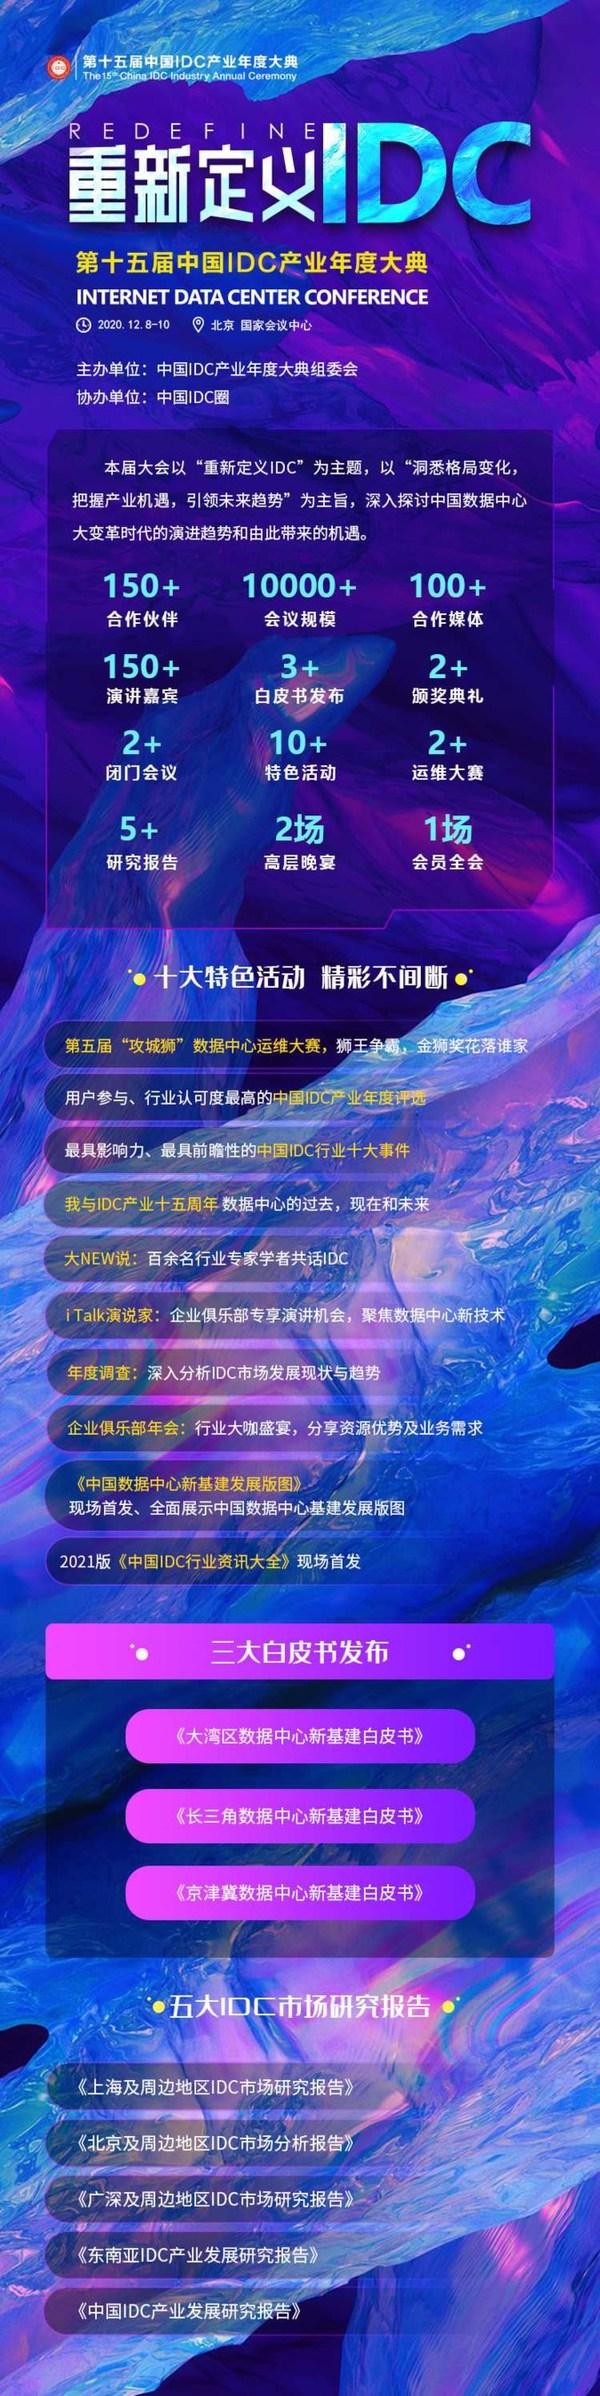 IDCC2020第十五届中国IDC产业年度大典即将开启 议程精彩抢先看